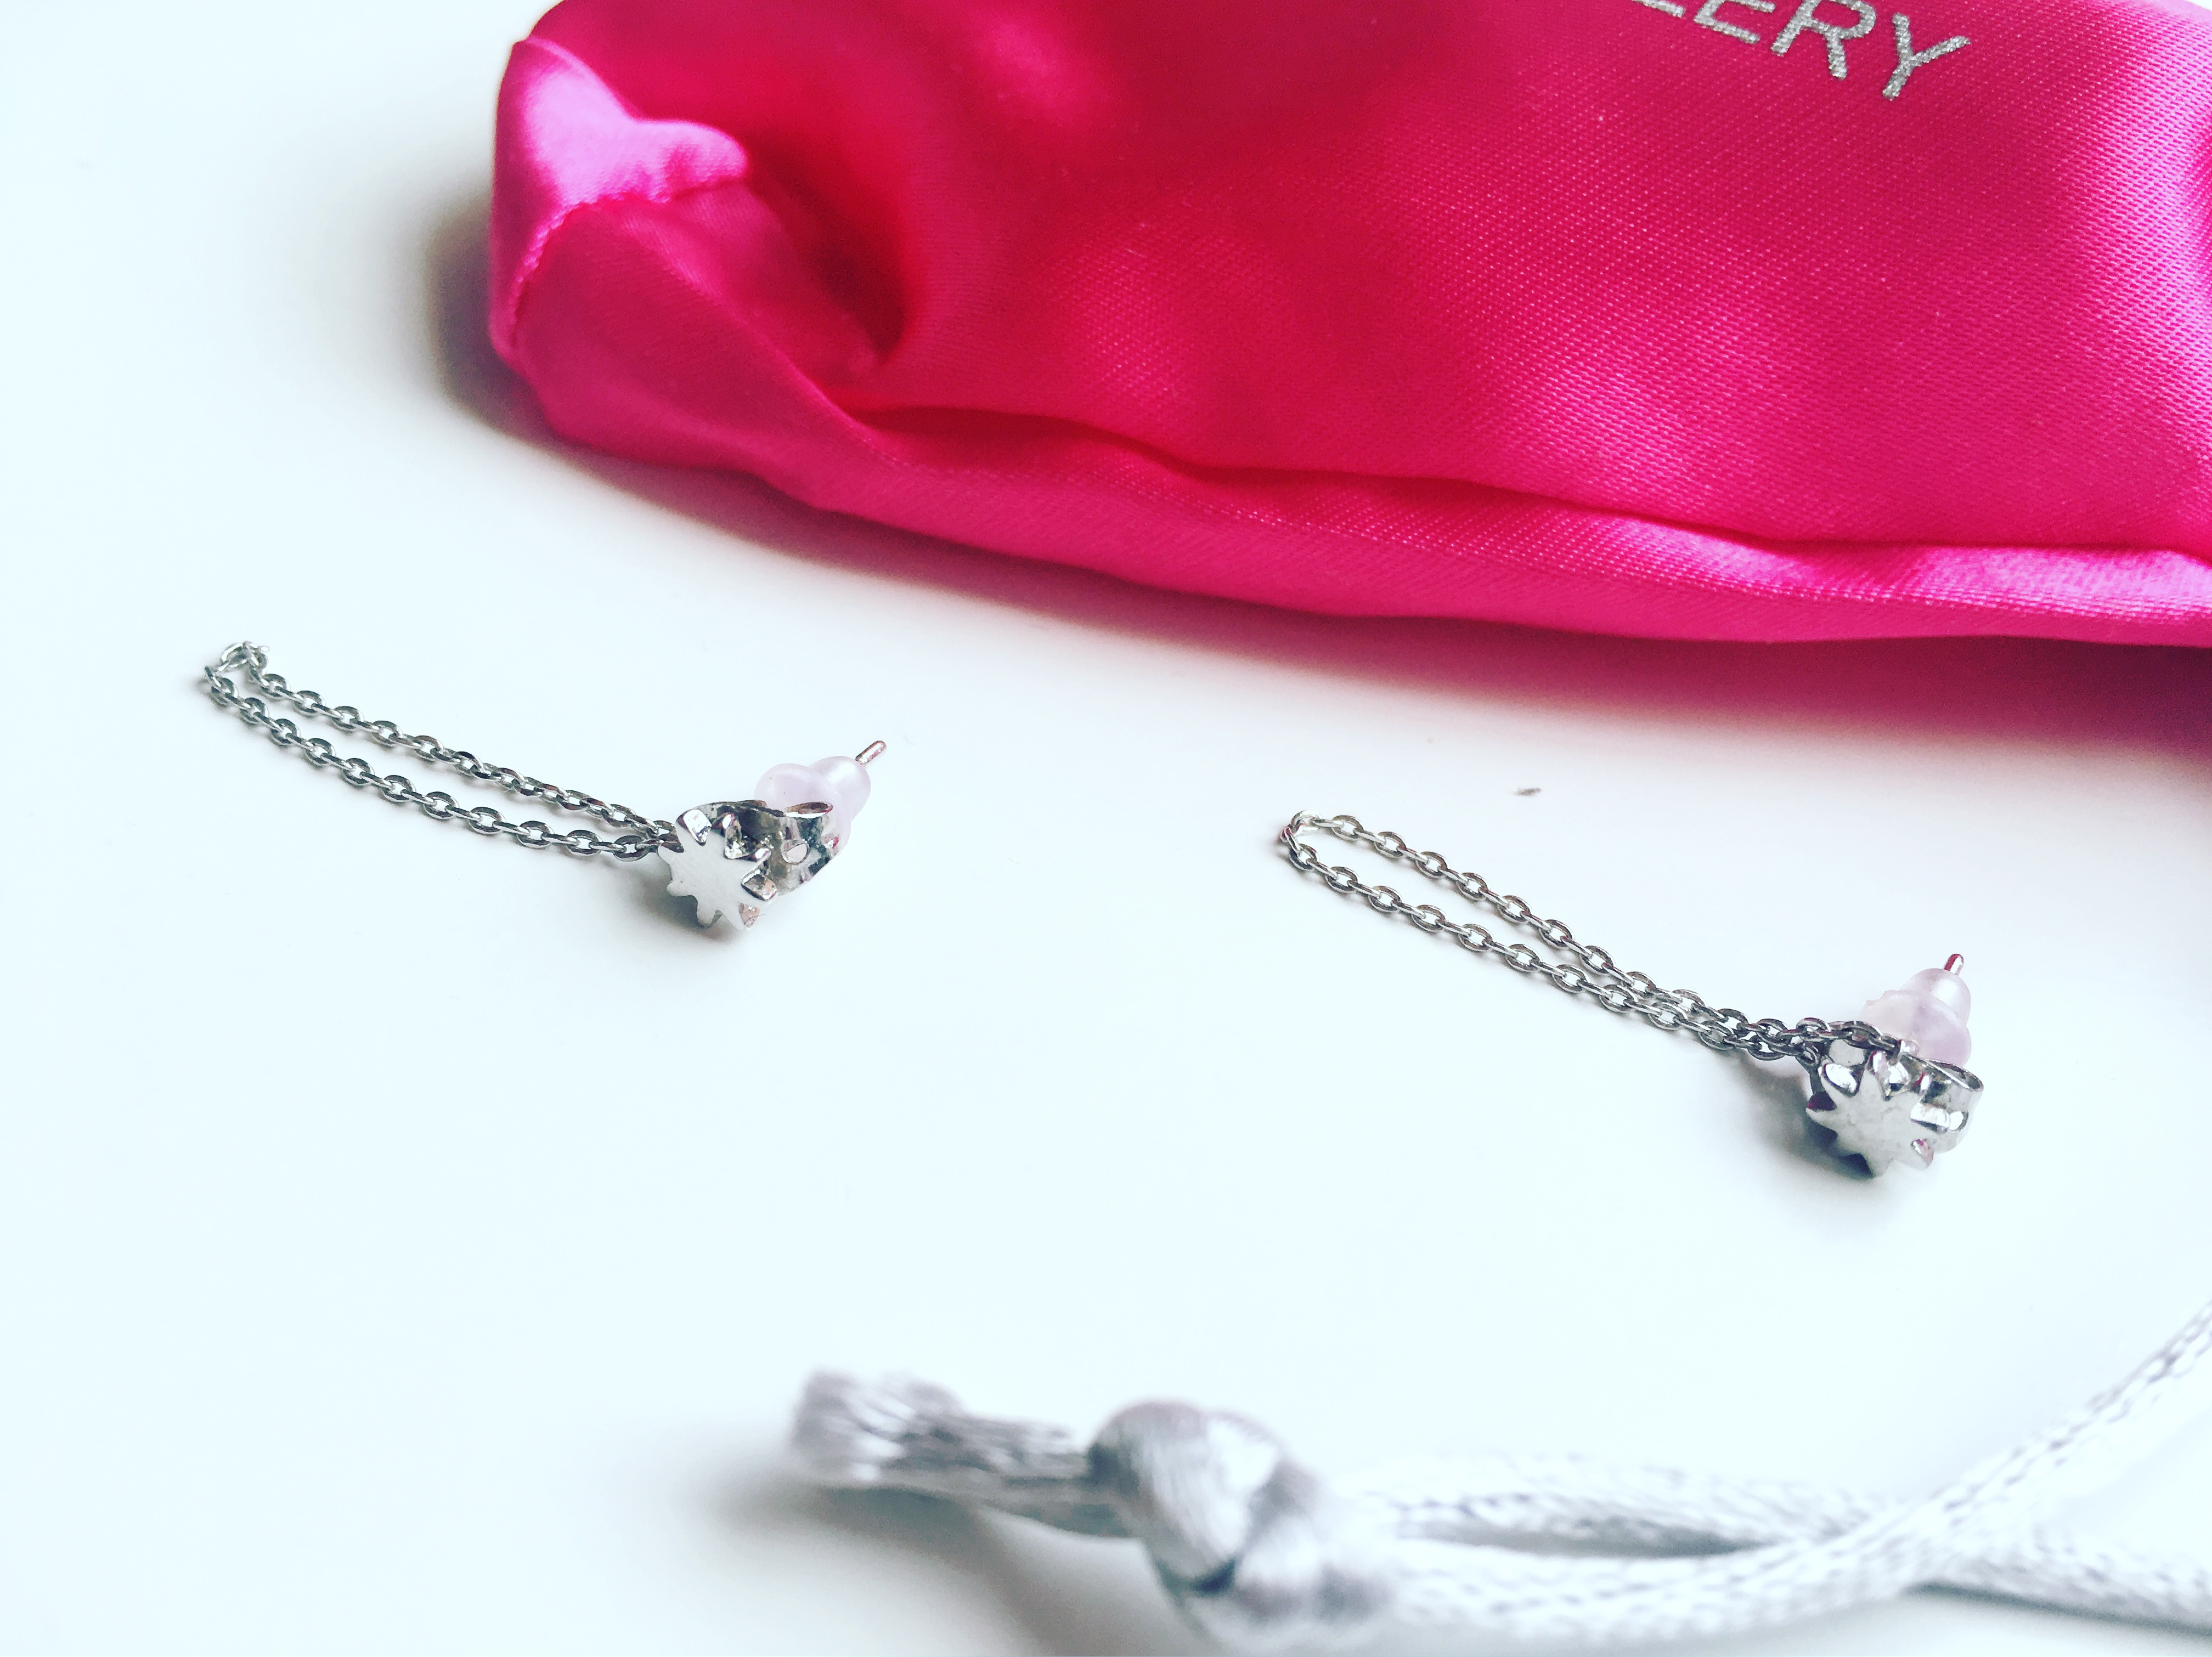 Minimalistische Oorbellen Zilver : Minimalistische oorbellen my jewellery u dyonne bakker